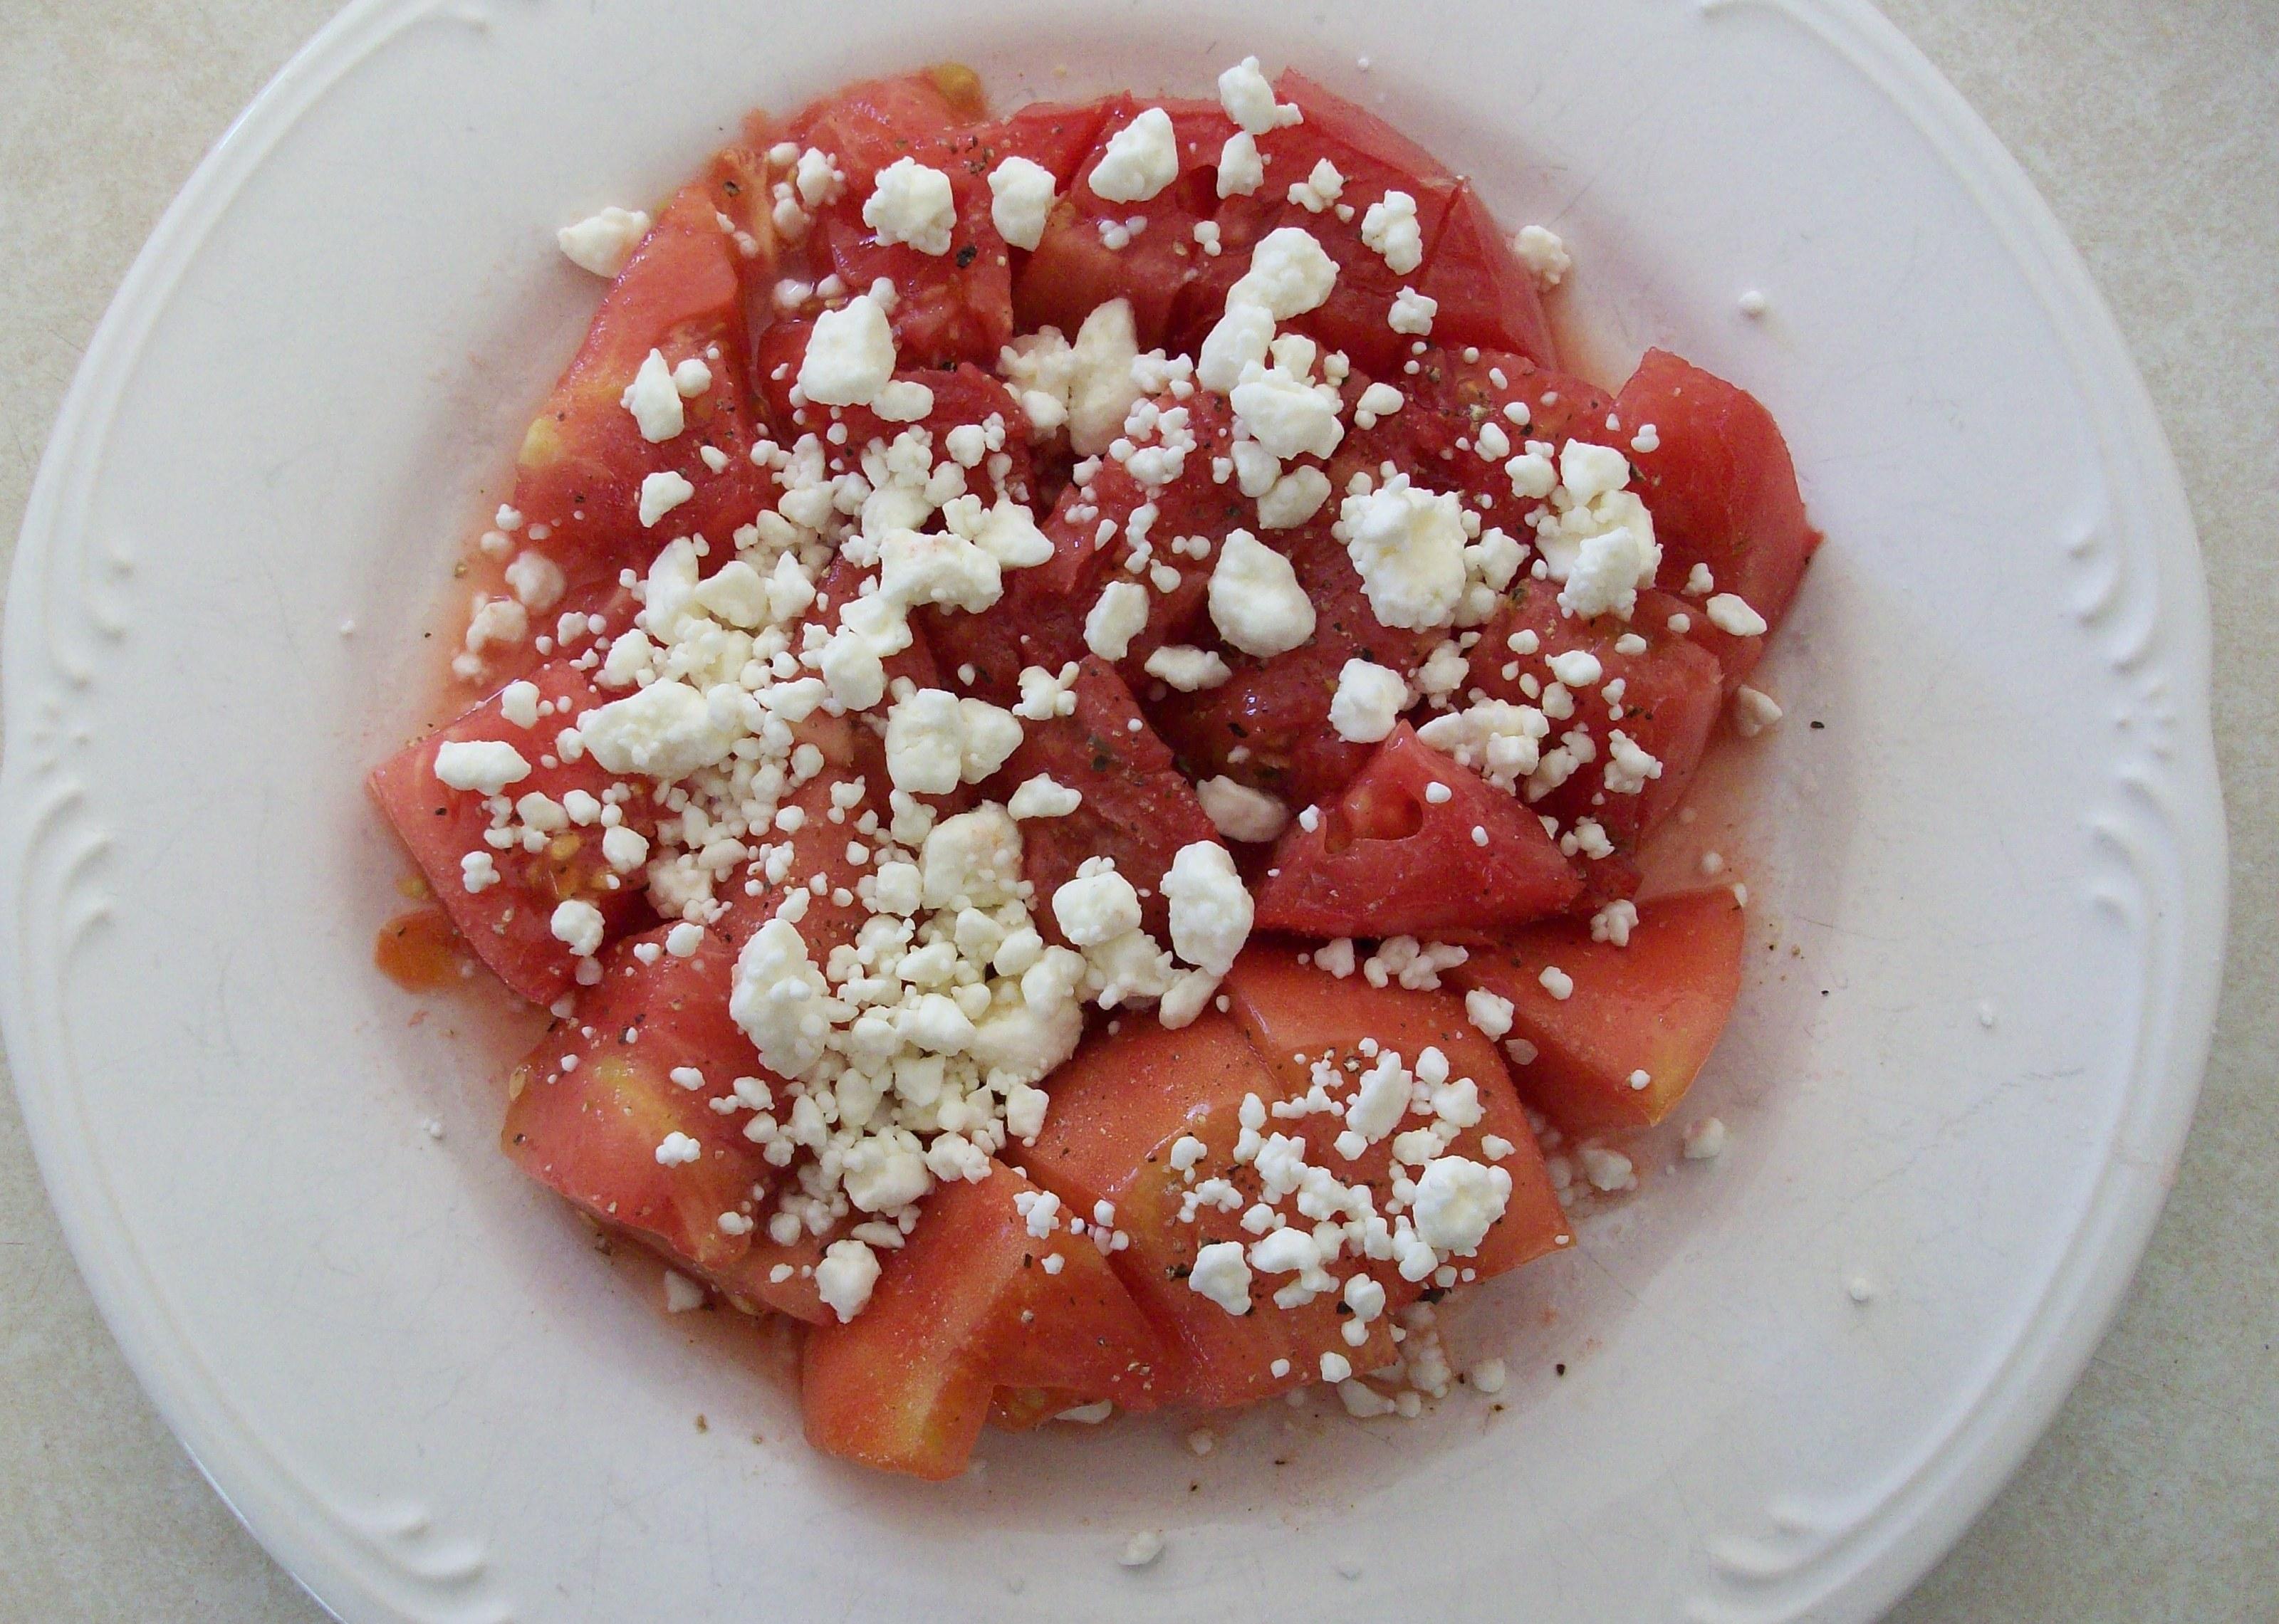 Gardener's Breakfast of tomato, salt, pepper and feta cheese.